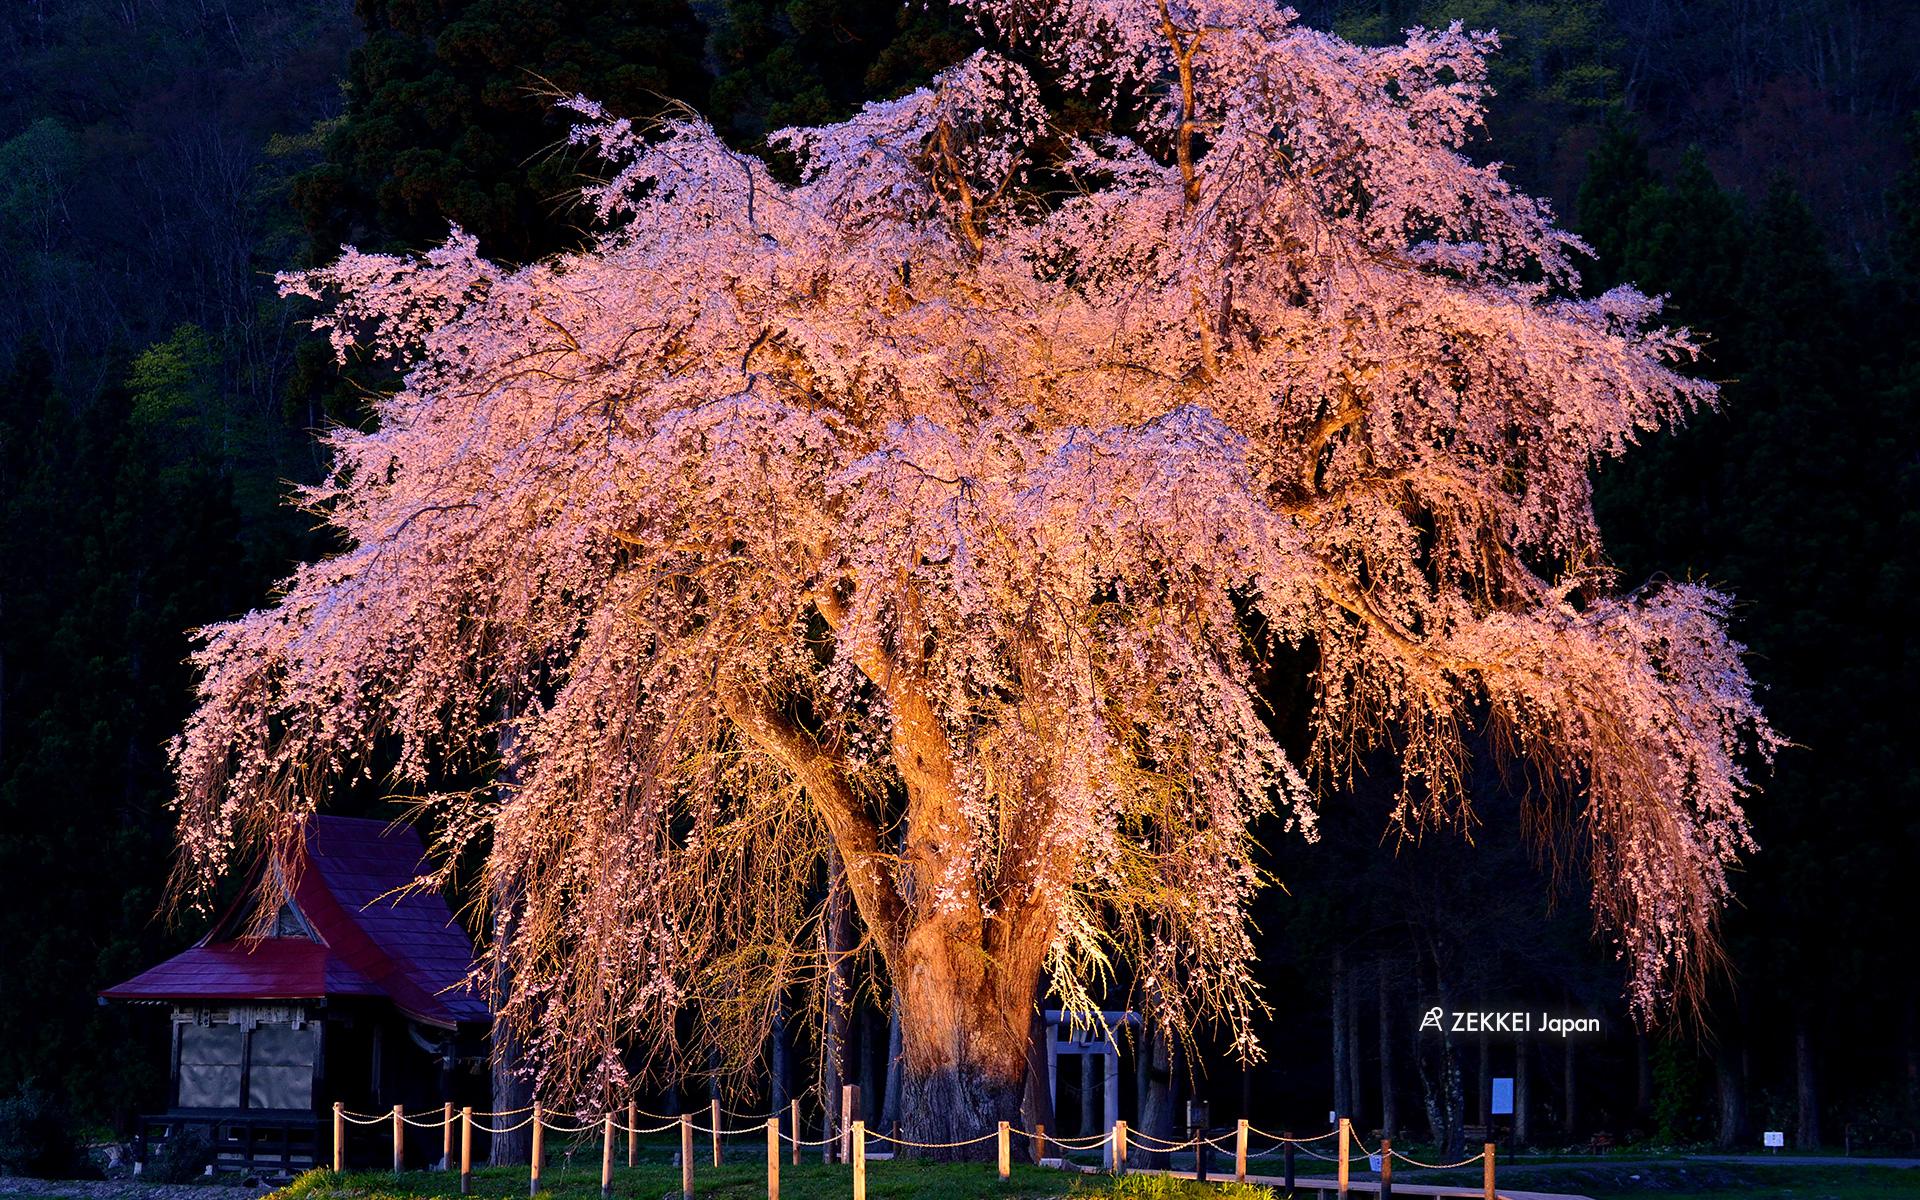 絶景壁紙 凛と咲く一本桜の絶景をあなたの待ち受けに Zekkei Japan